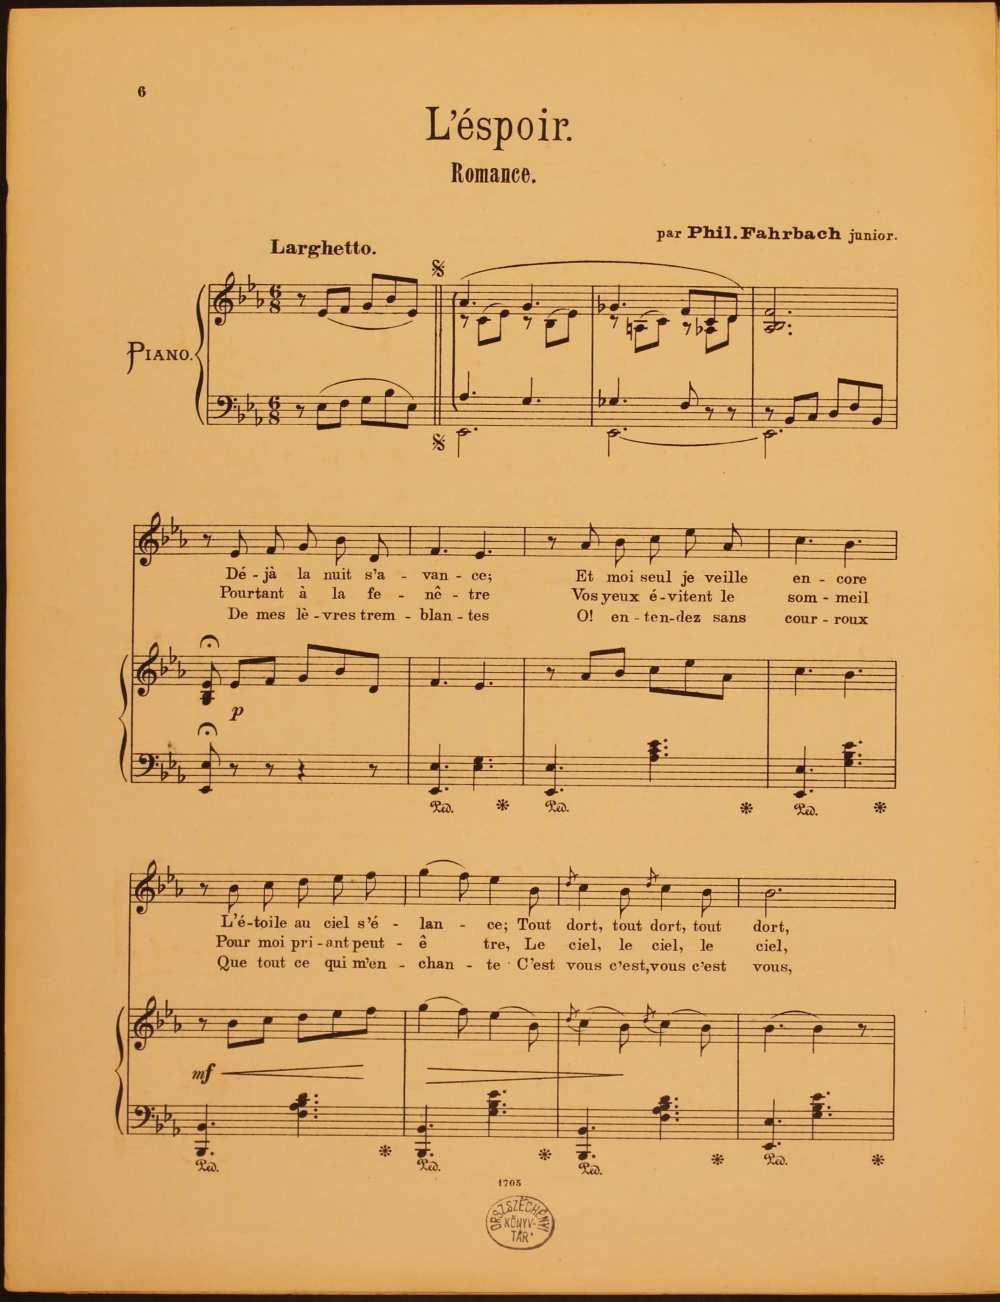 Philippe Farbach: L'éspoir. Romance. [Dal, ének-zongora. Szövege: Sideon Isoz-tól], Budapest, 1898. – Zeneműtár, Z. 66.290